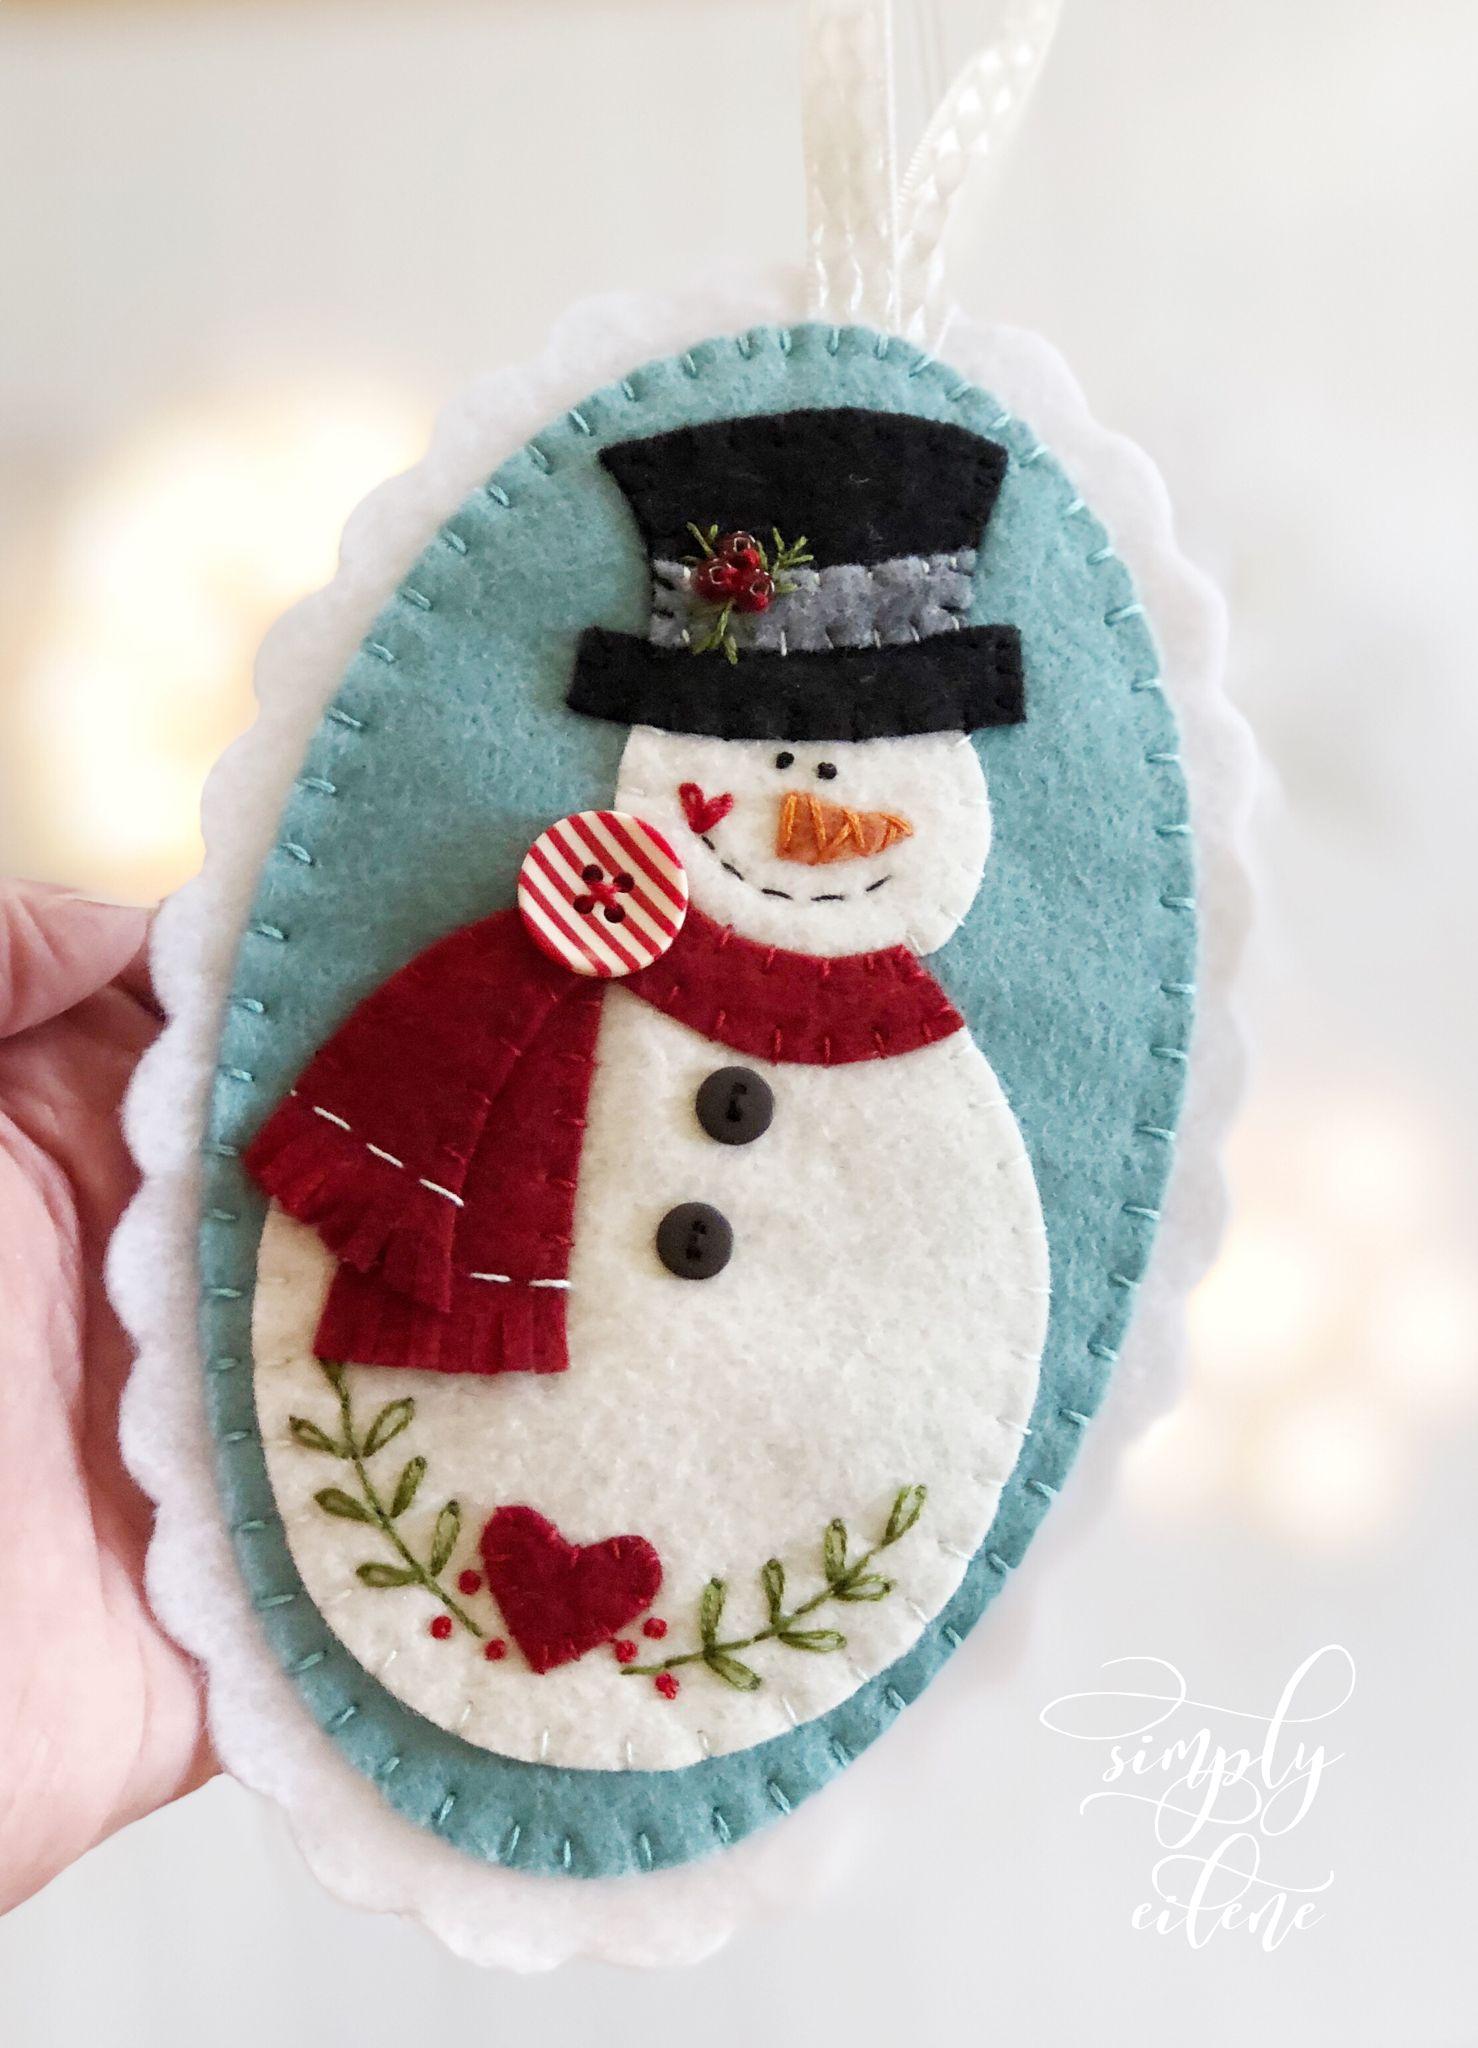 Snowman Christmas Felt Ornament Pattern Felt Crafts Christmas Felt Christmas Decorations Felt Christmas Ornaments